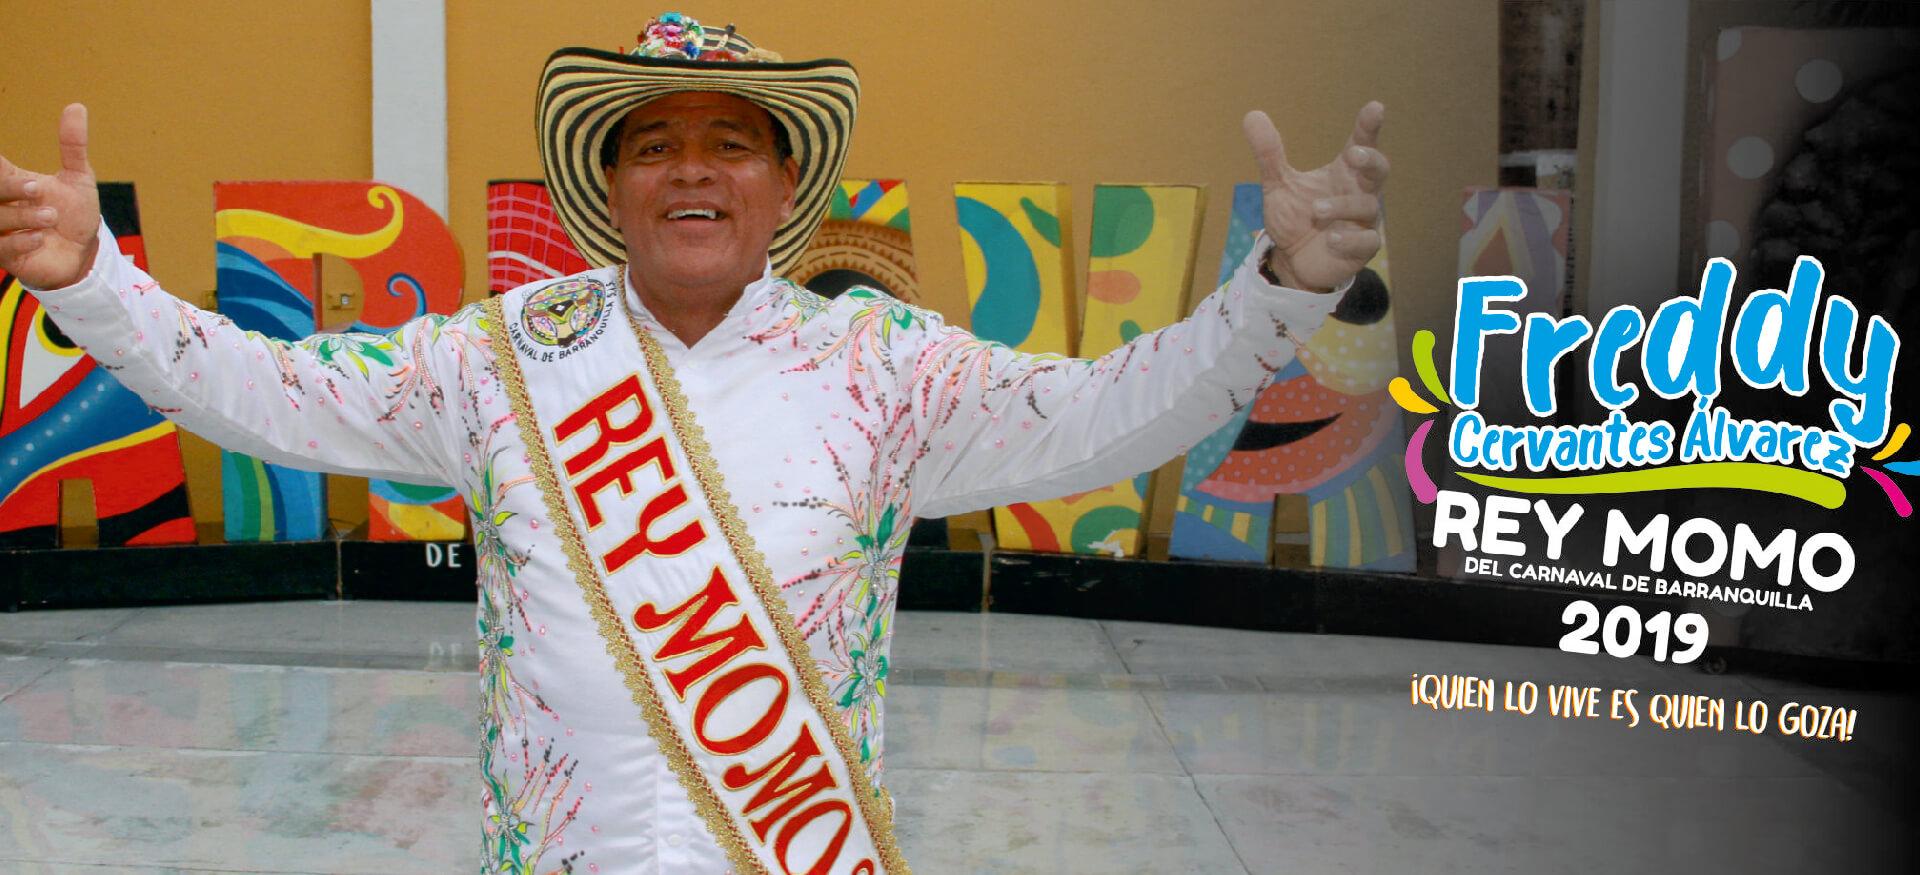 Freddy Cervantes, de Las Ánimas Blancas de Rebolo, Rey Momo 2019